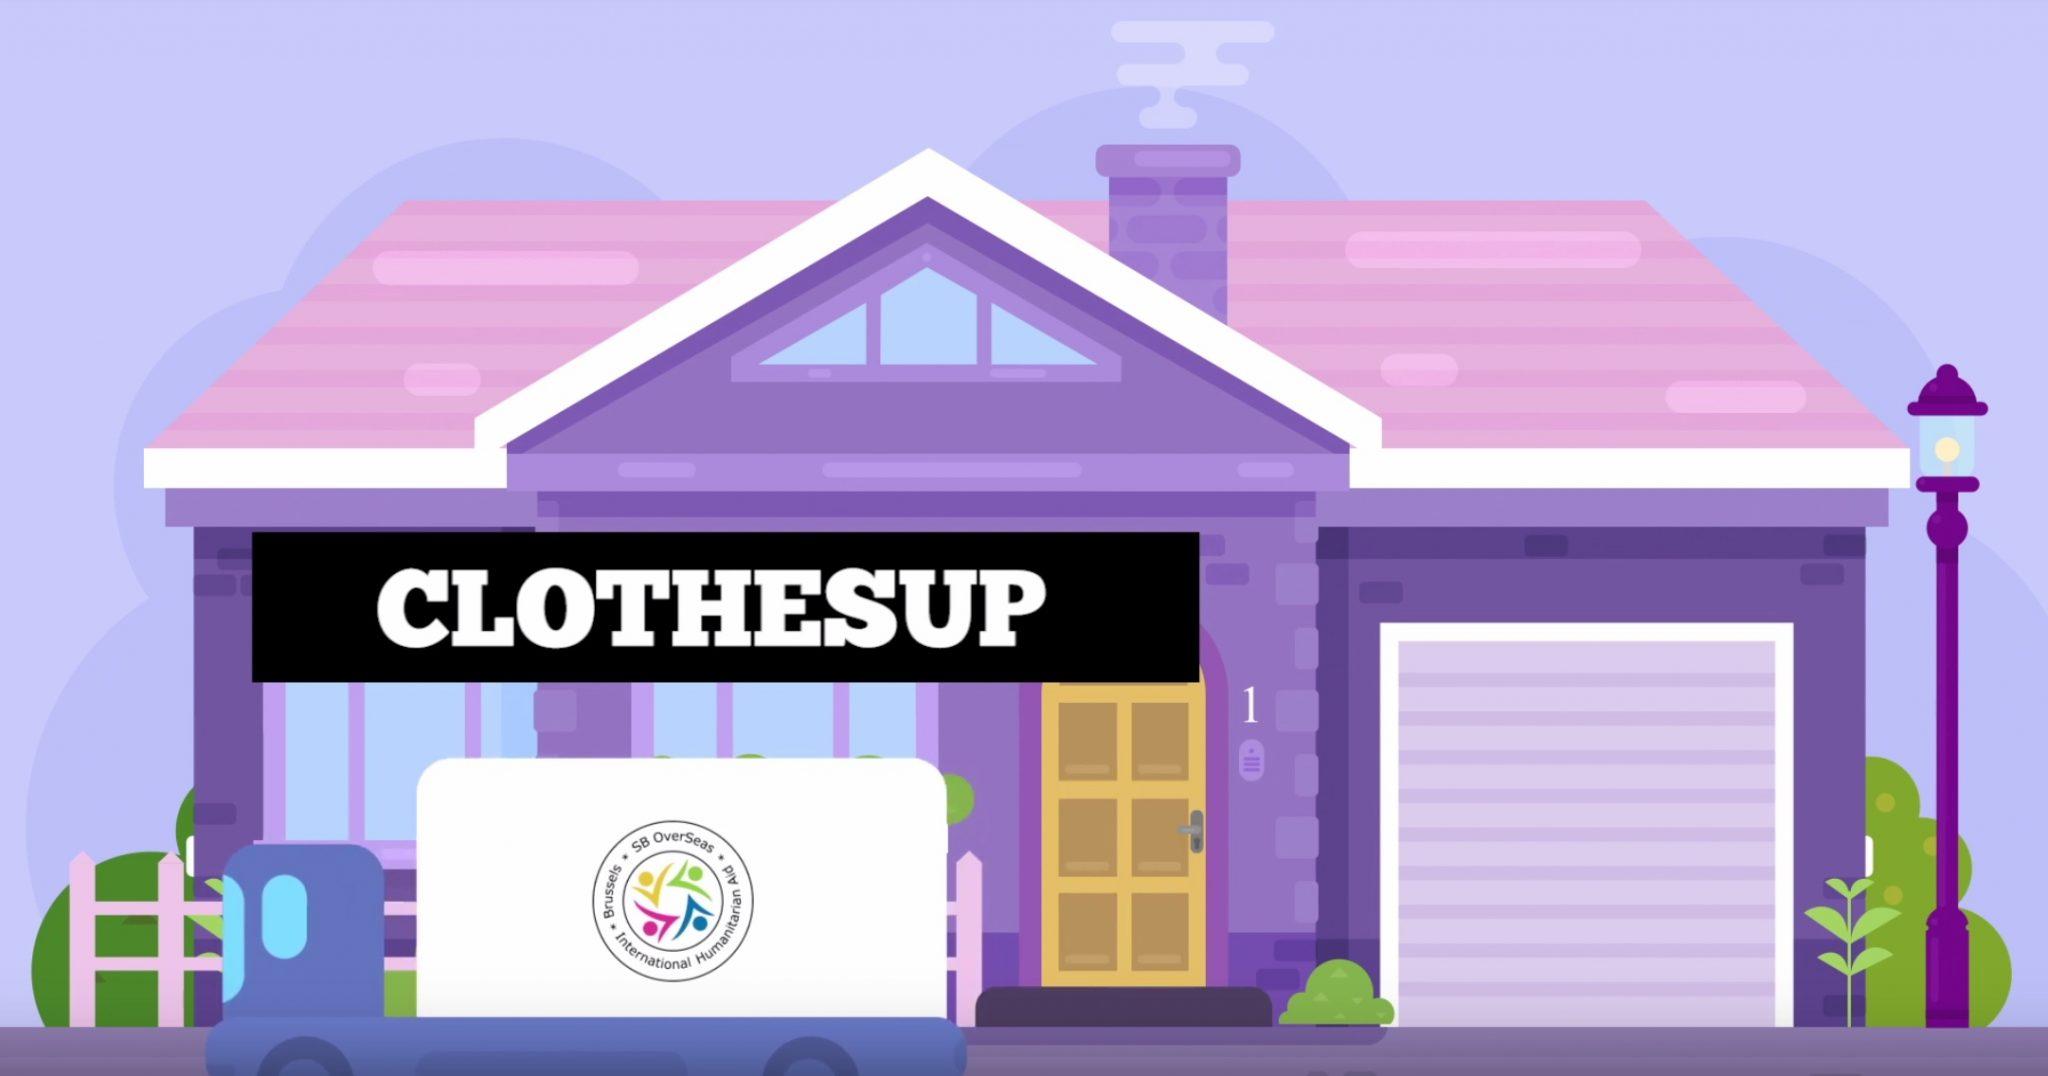 Soutenez les familles dans le besoin pendant votre nettoyage de printemps